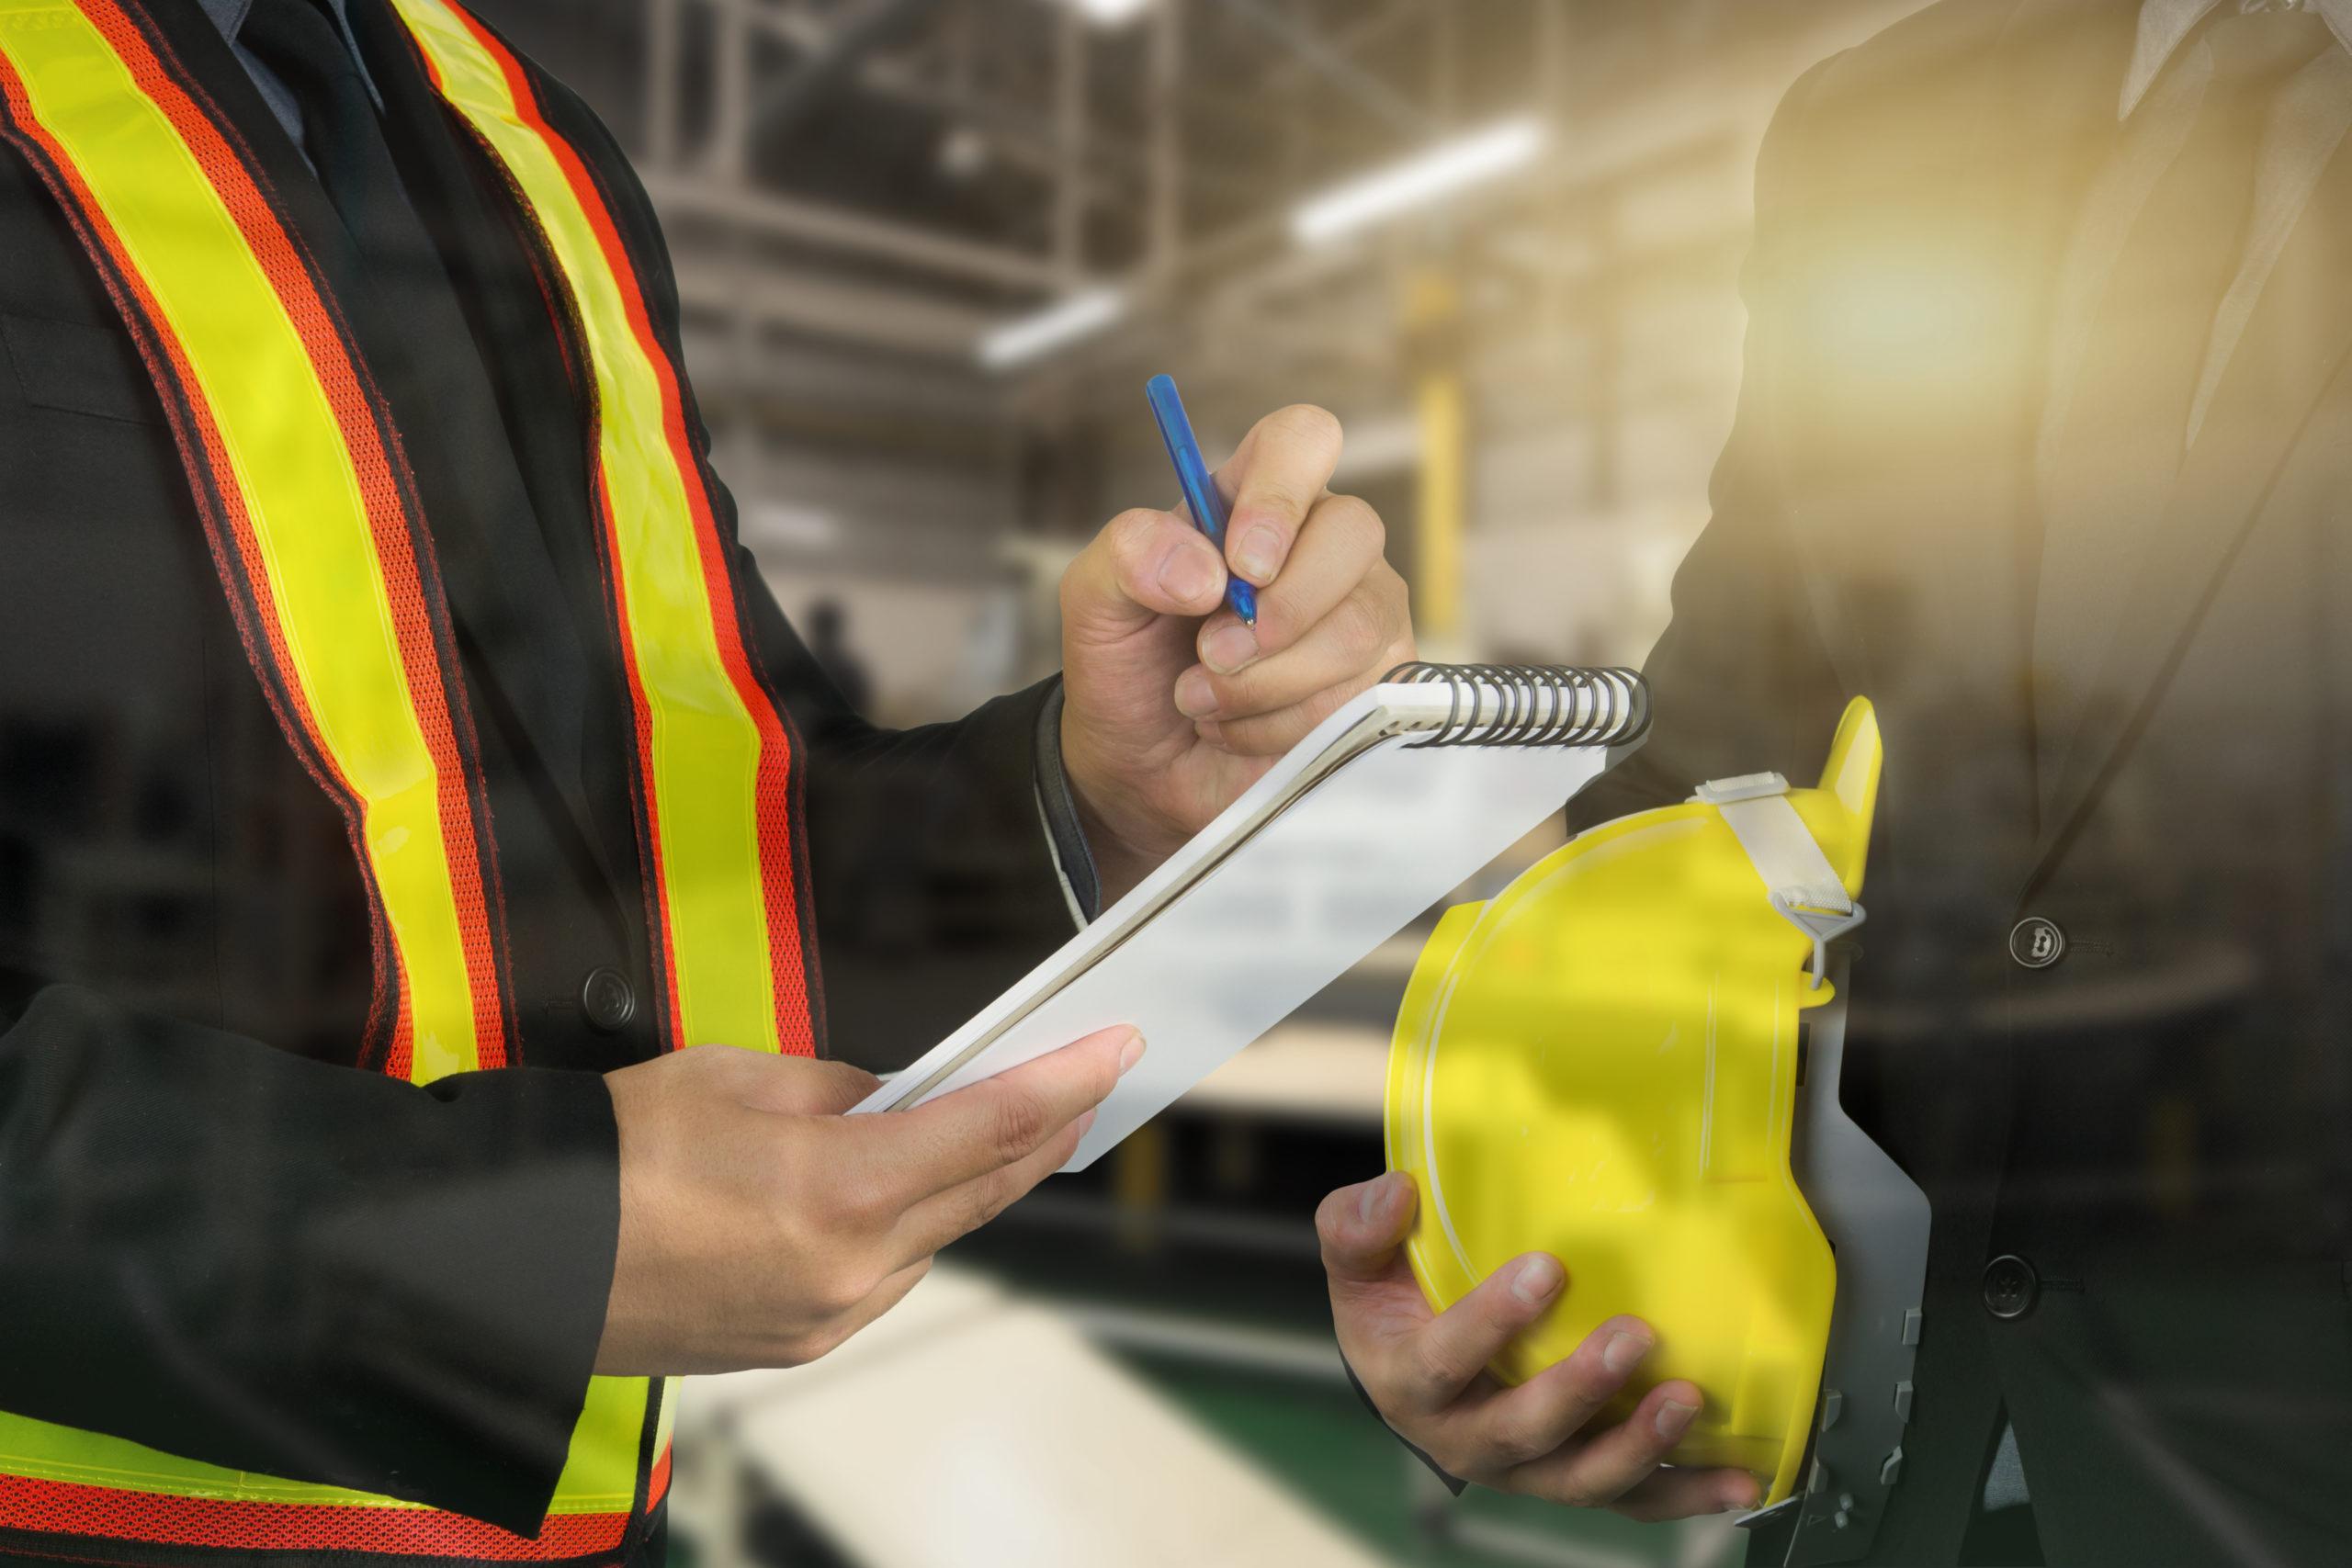 Top 5 Workplace Safety Hazards Ehs Management